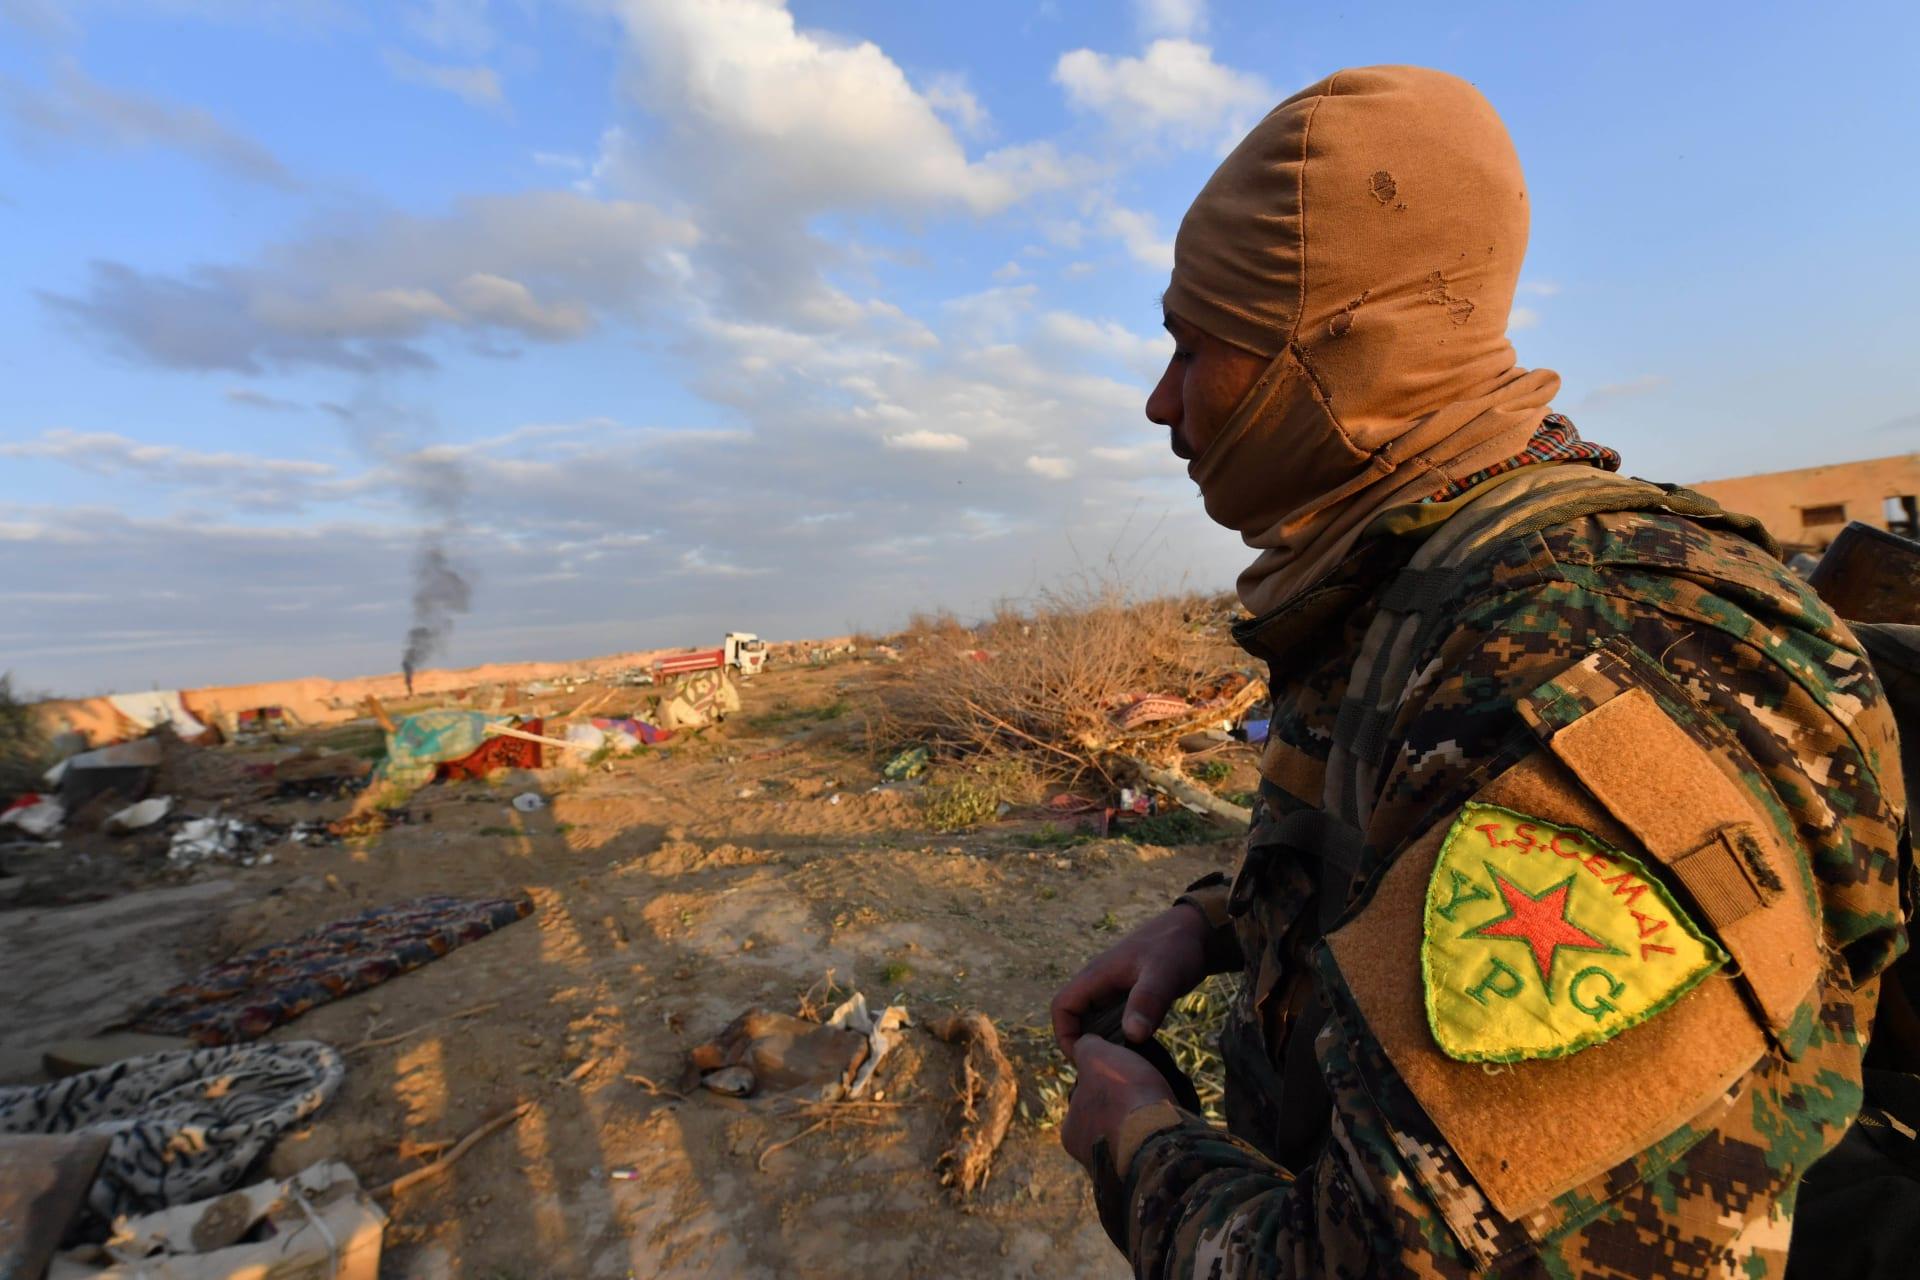 دمشق: سنتعامل مع قوات سوريا الديمقراطية إما بالقوة أو عبر المصالحات